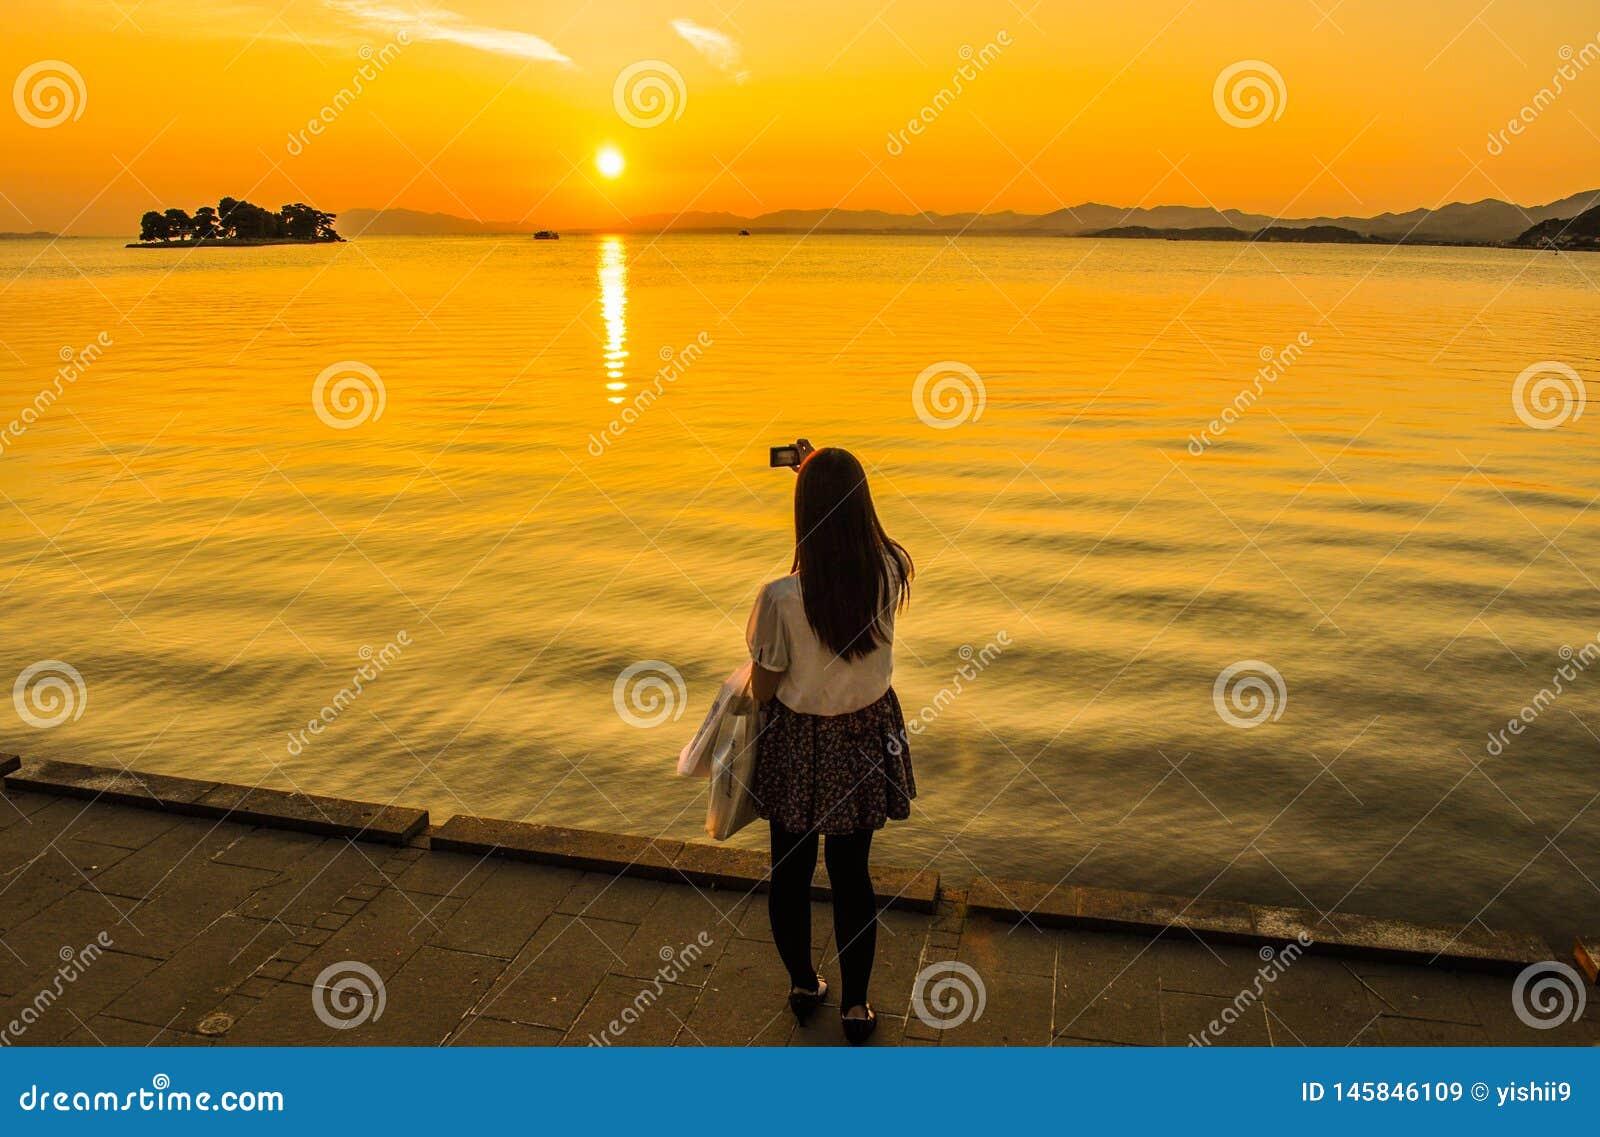 Κορίτσι που παίρνει μια εικόνα του ηλιοβασιλέματος πέρα από μια λίμνη